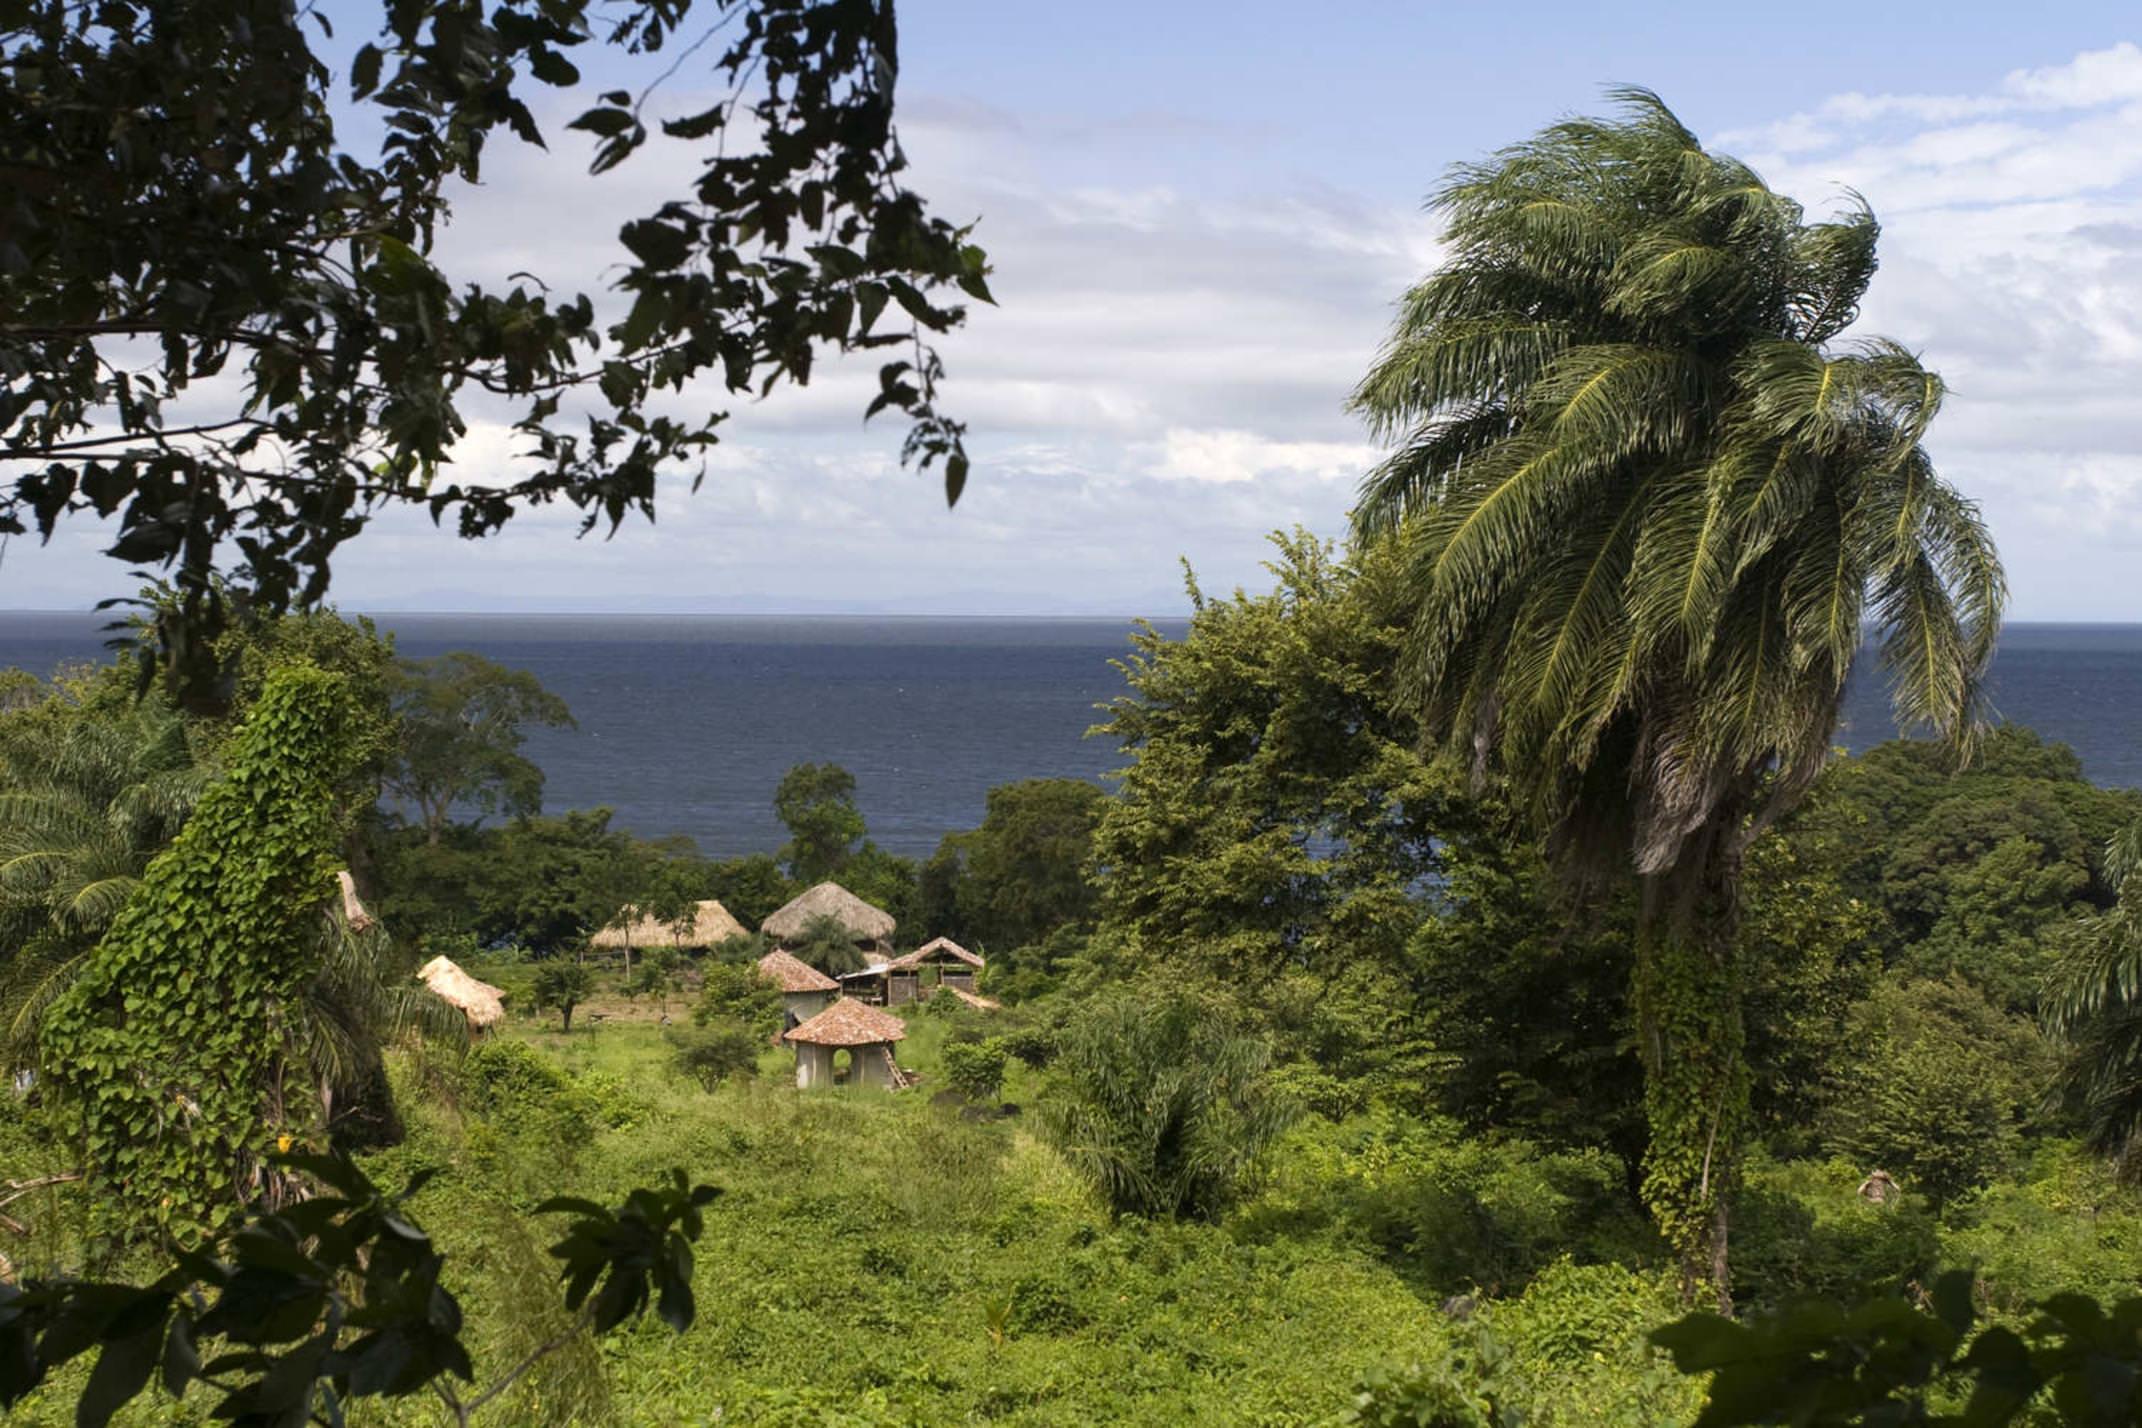 Nicaragua ometepe settlement on isla ometepe in nicaragua